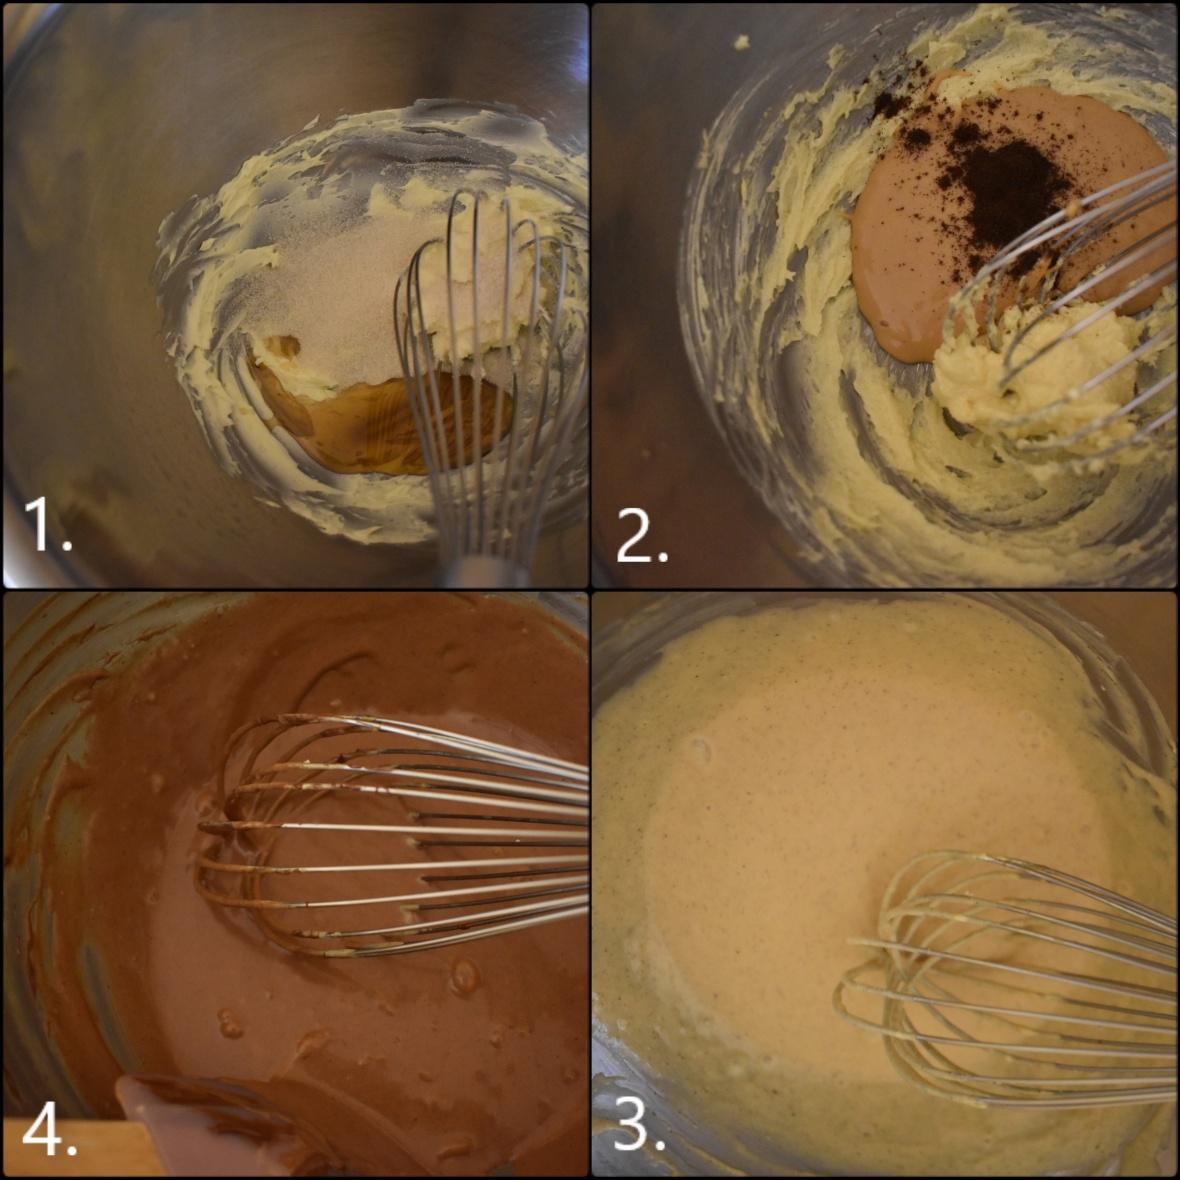 Making dulce de leche chocolate cake - 1